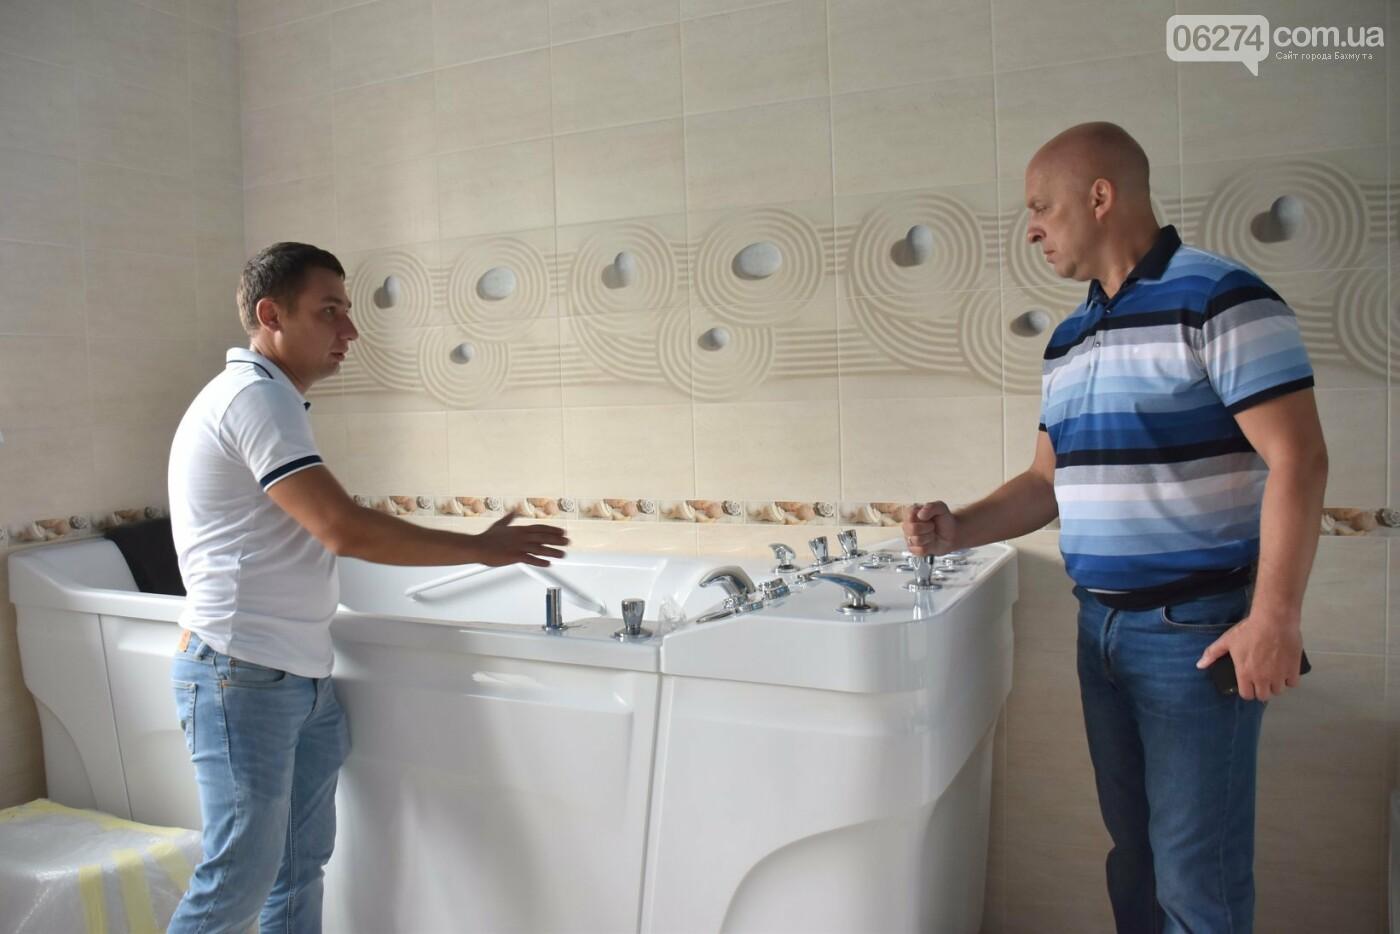 Областной врачебно-физкультурный диспансер в Бахмуте уже осенью примет первых посетителей, фото-3